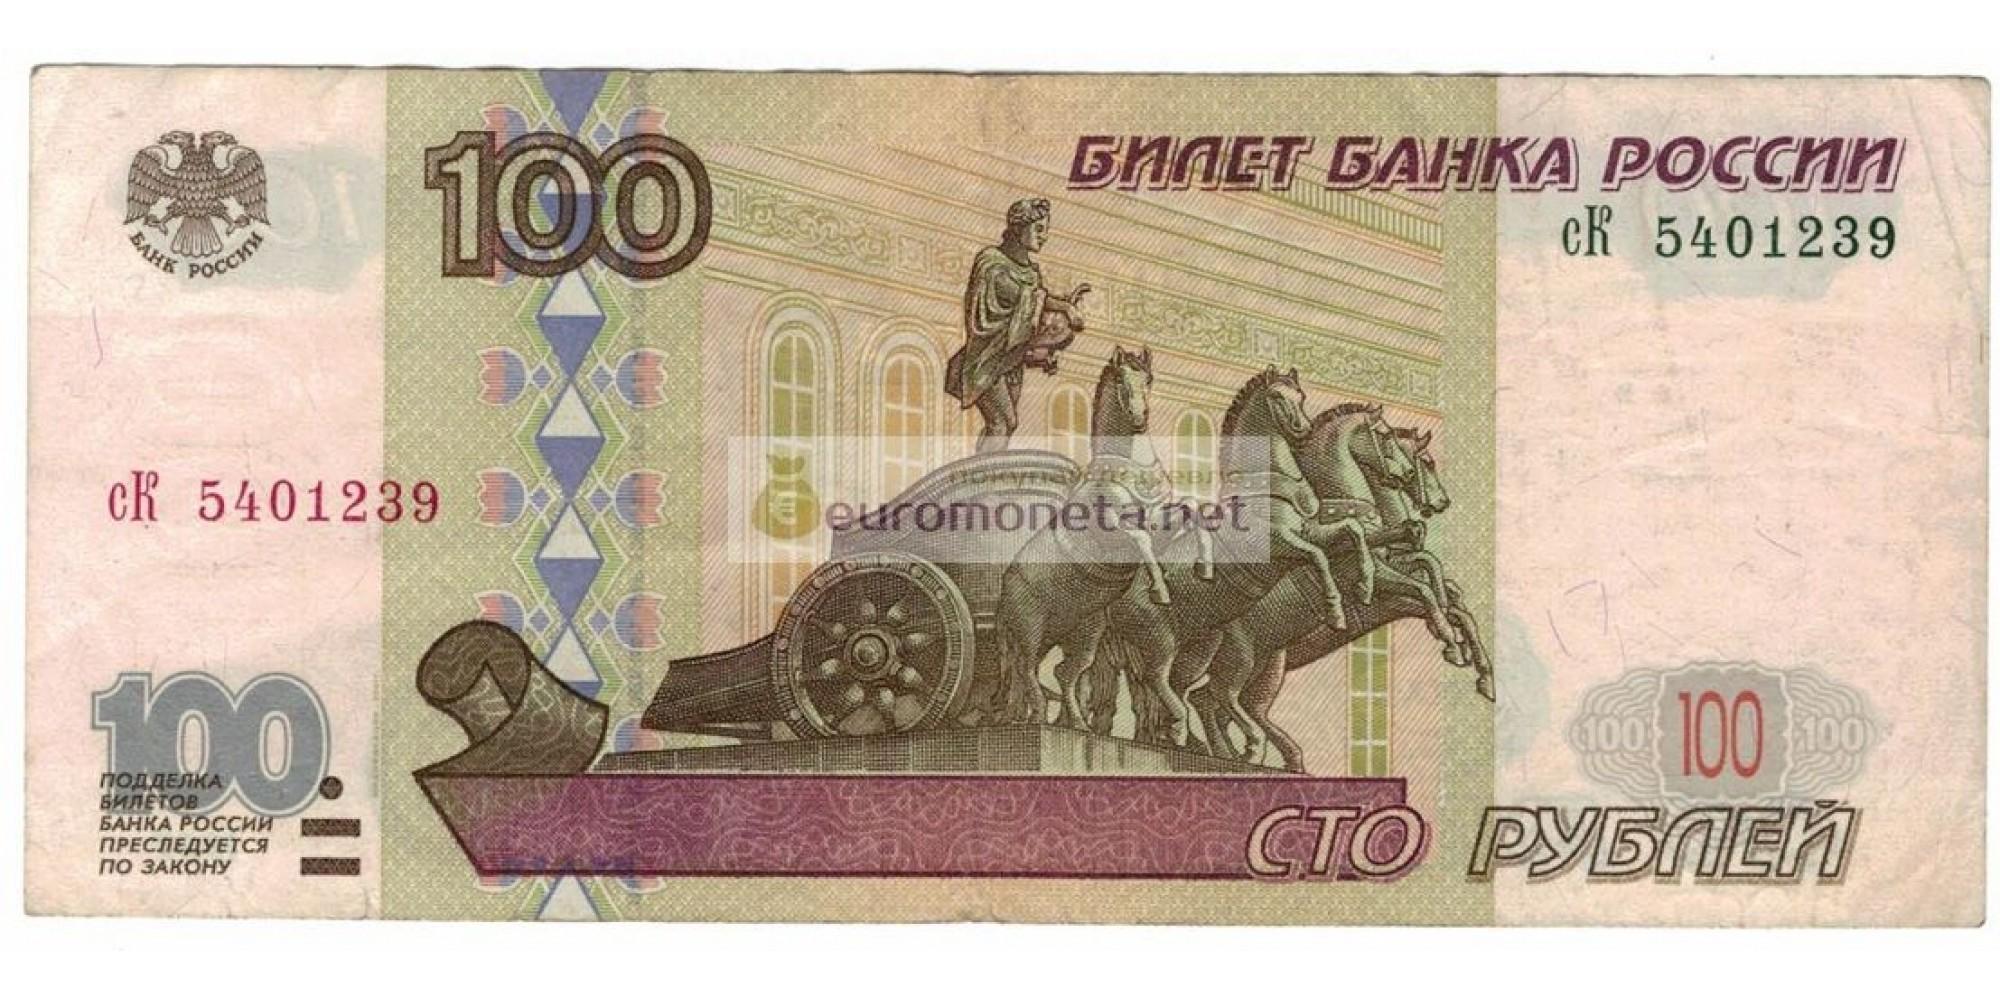 Россия 100 рублей 1997 год модификация 2001 год серия сК 5401239